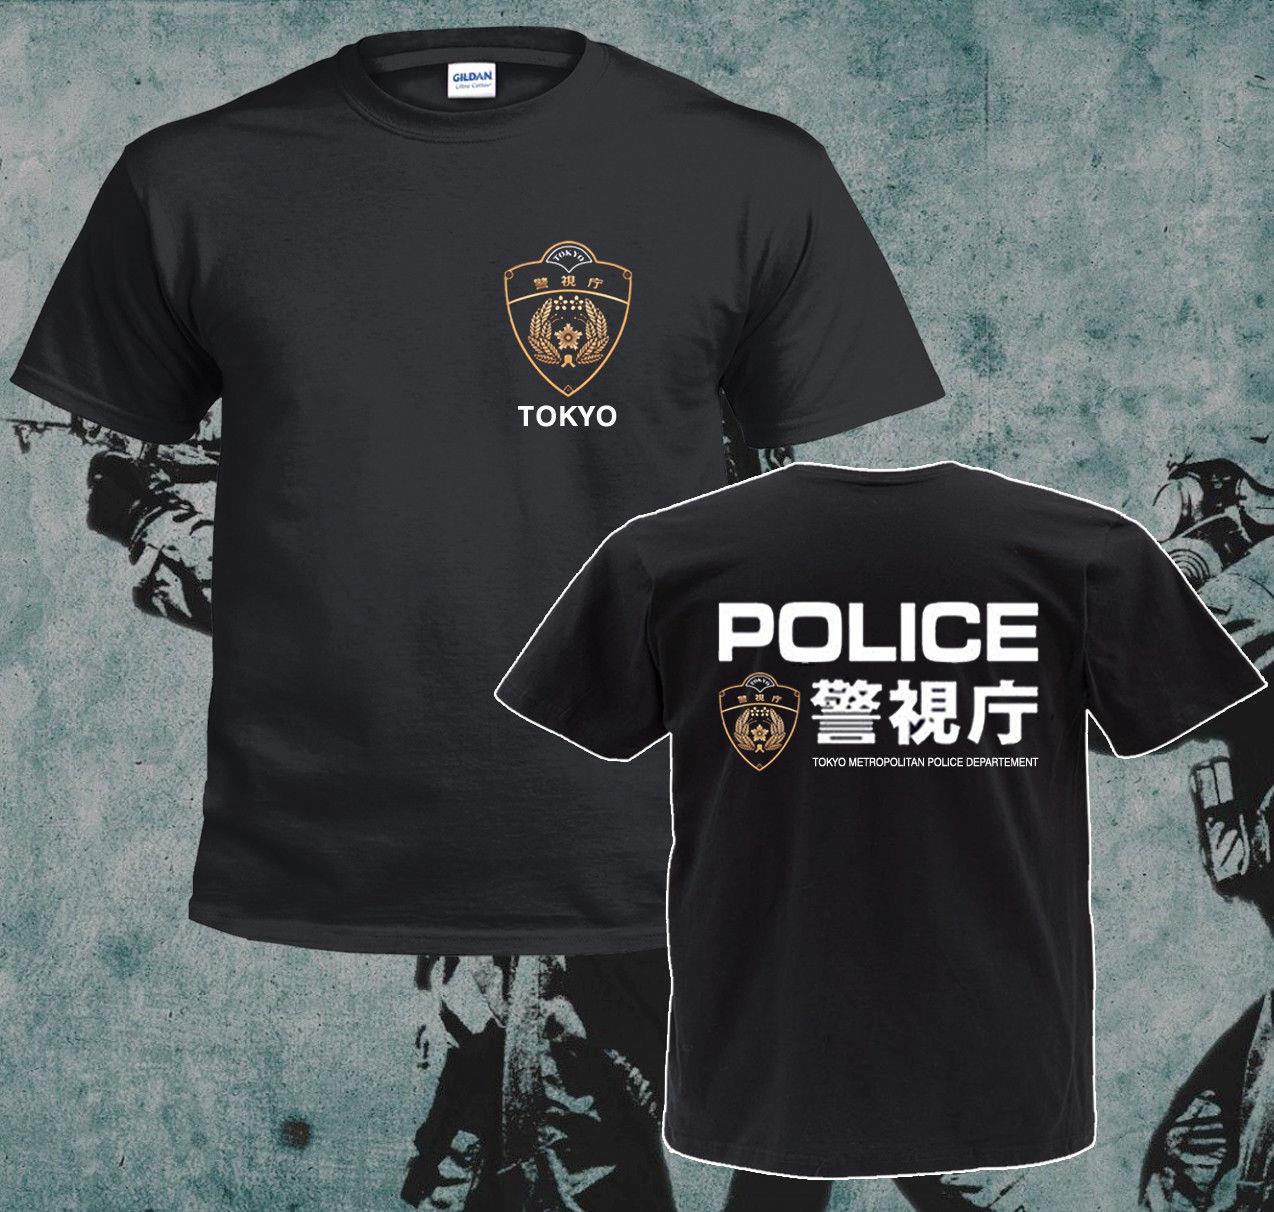 Мужская хлопковая футболка, черная футболка в японском стиле с Отделом полиции Токио, в стиле Харадзюку